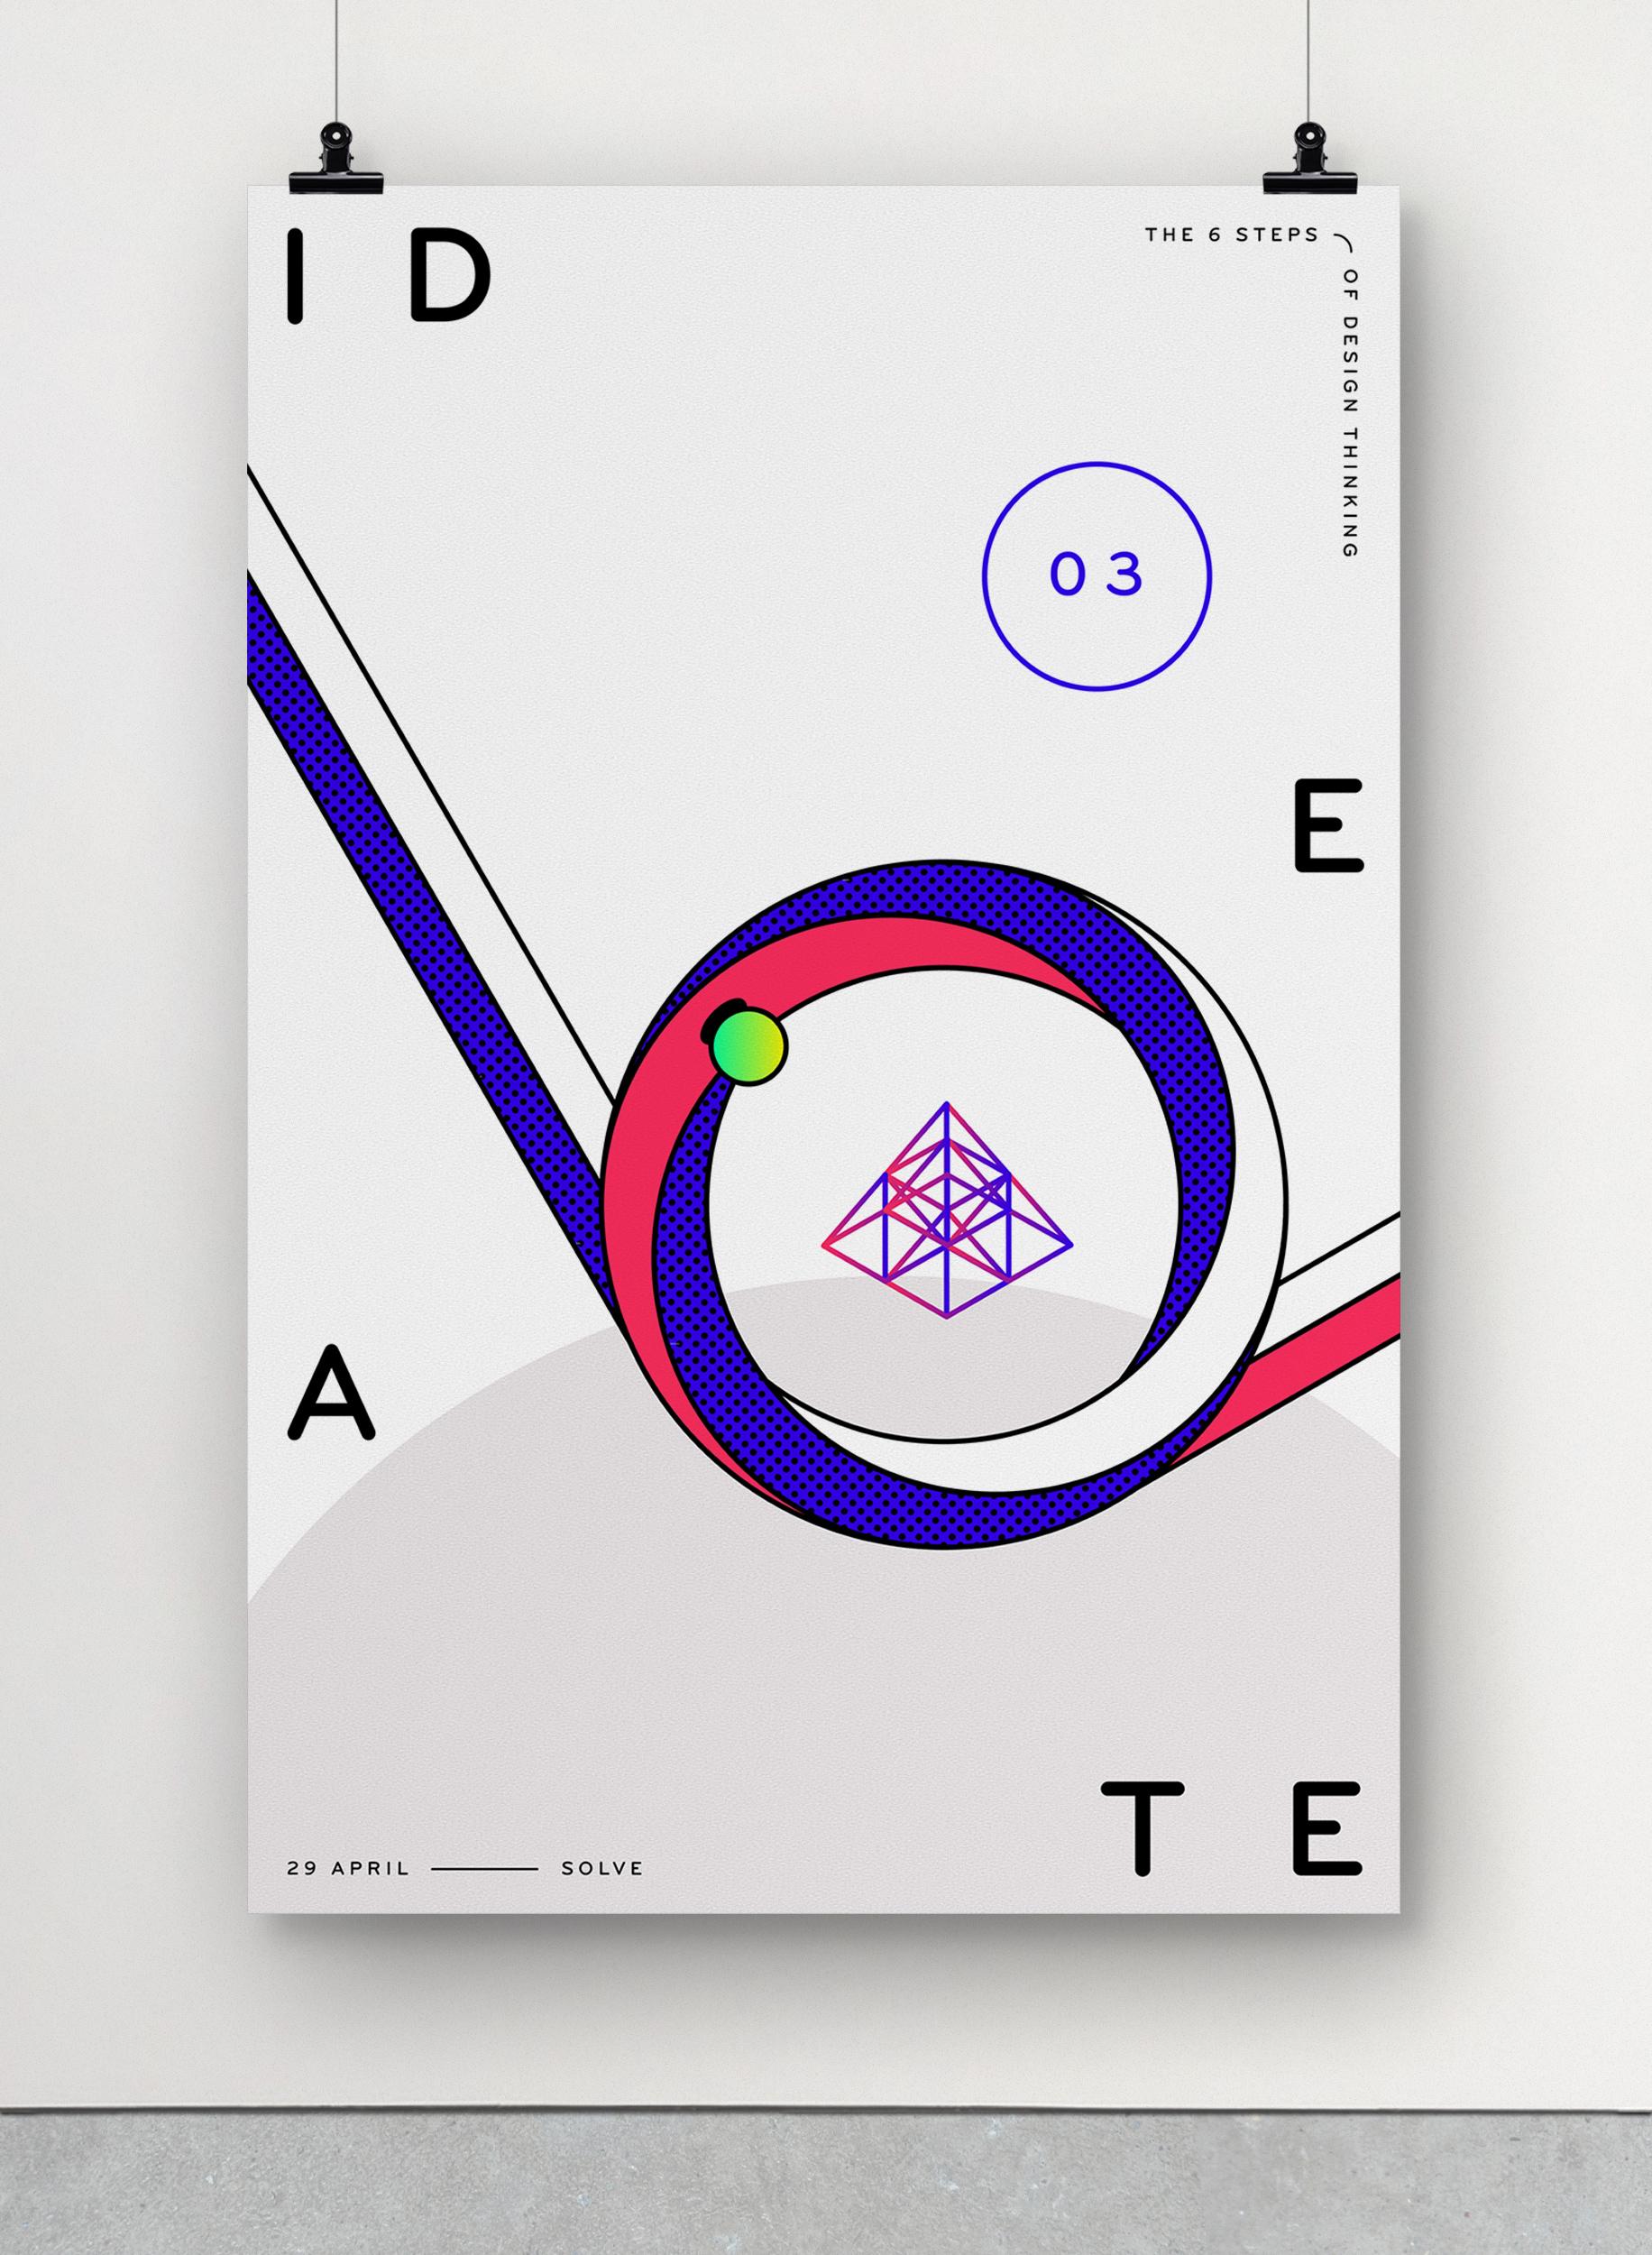 03-Ideate.jpg